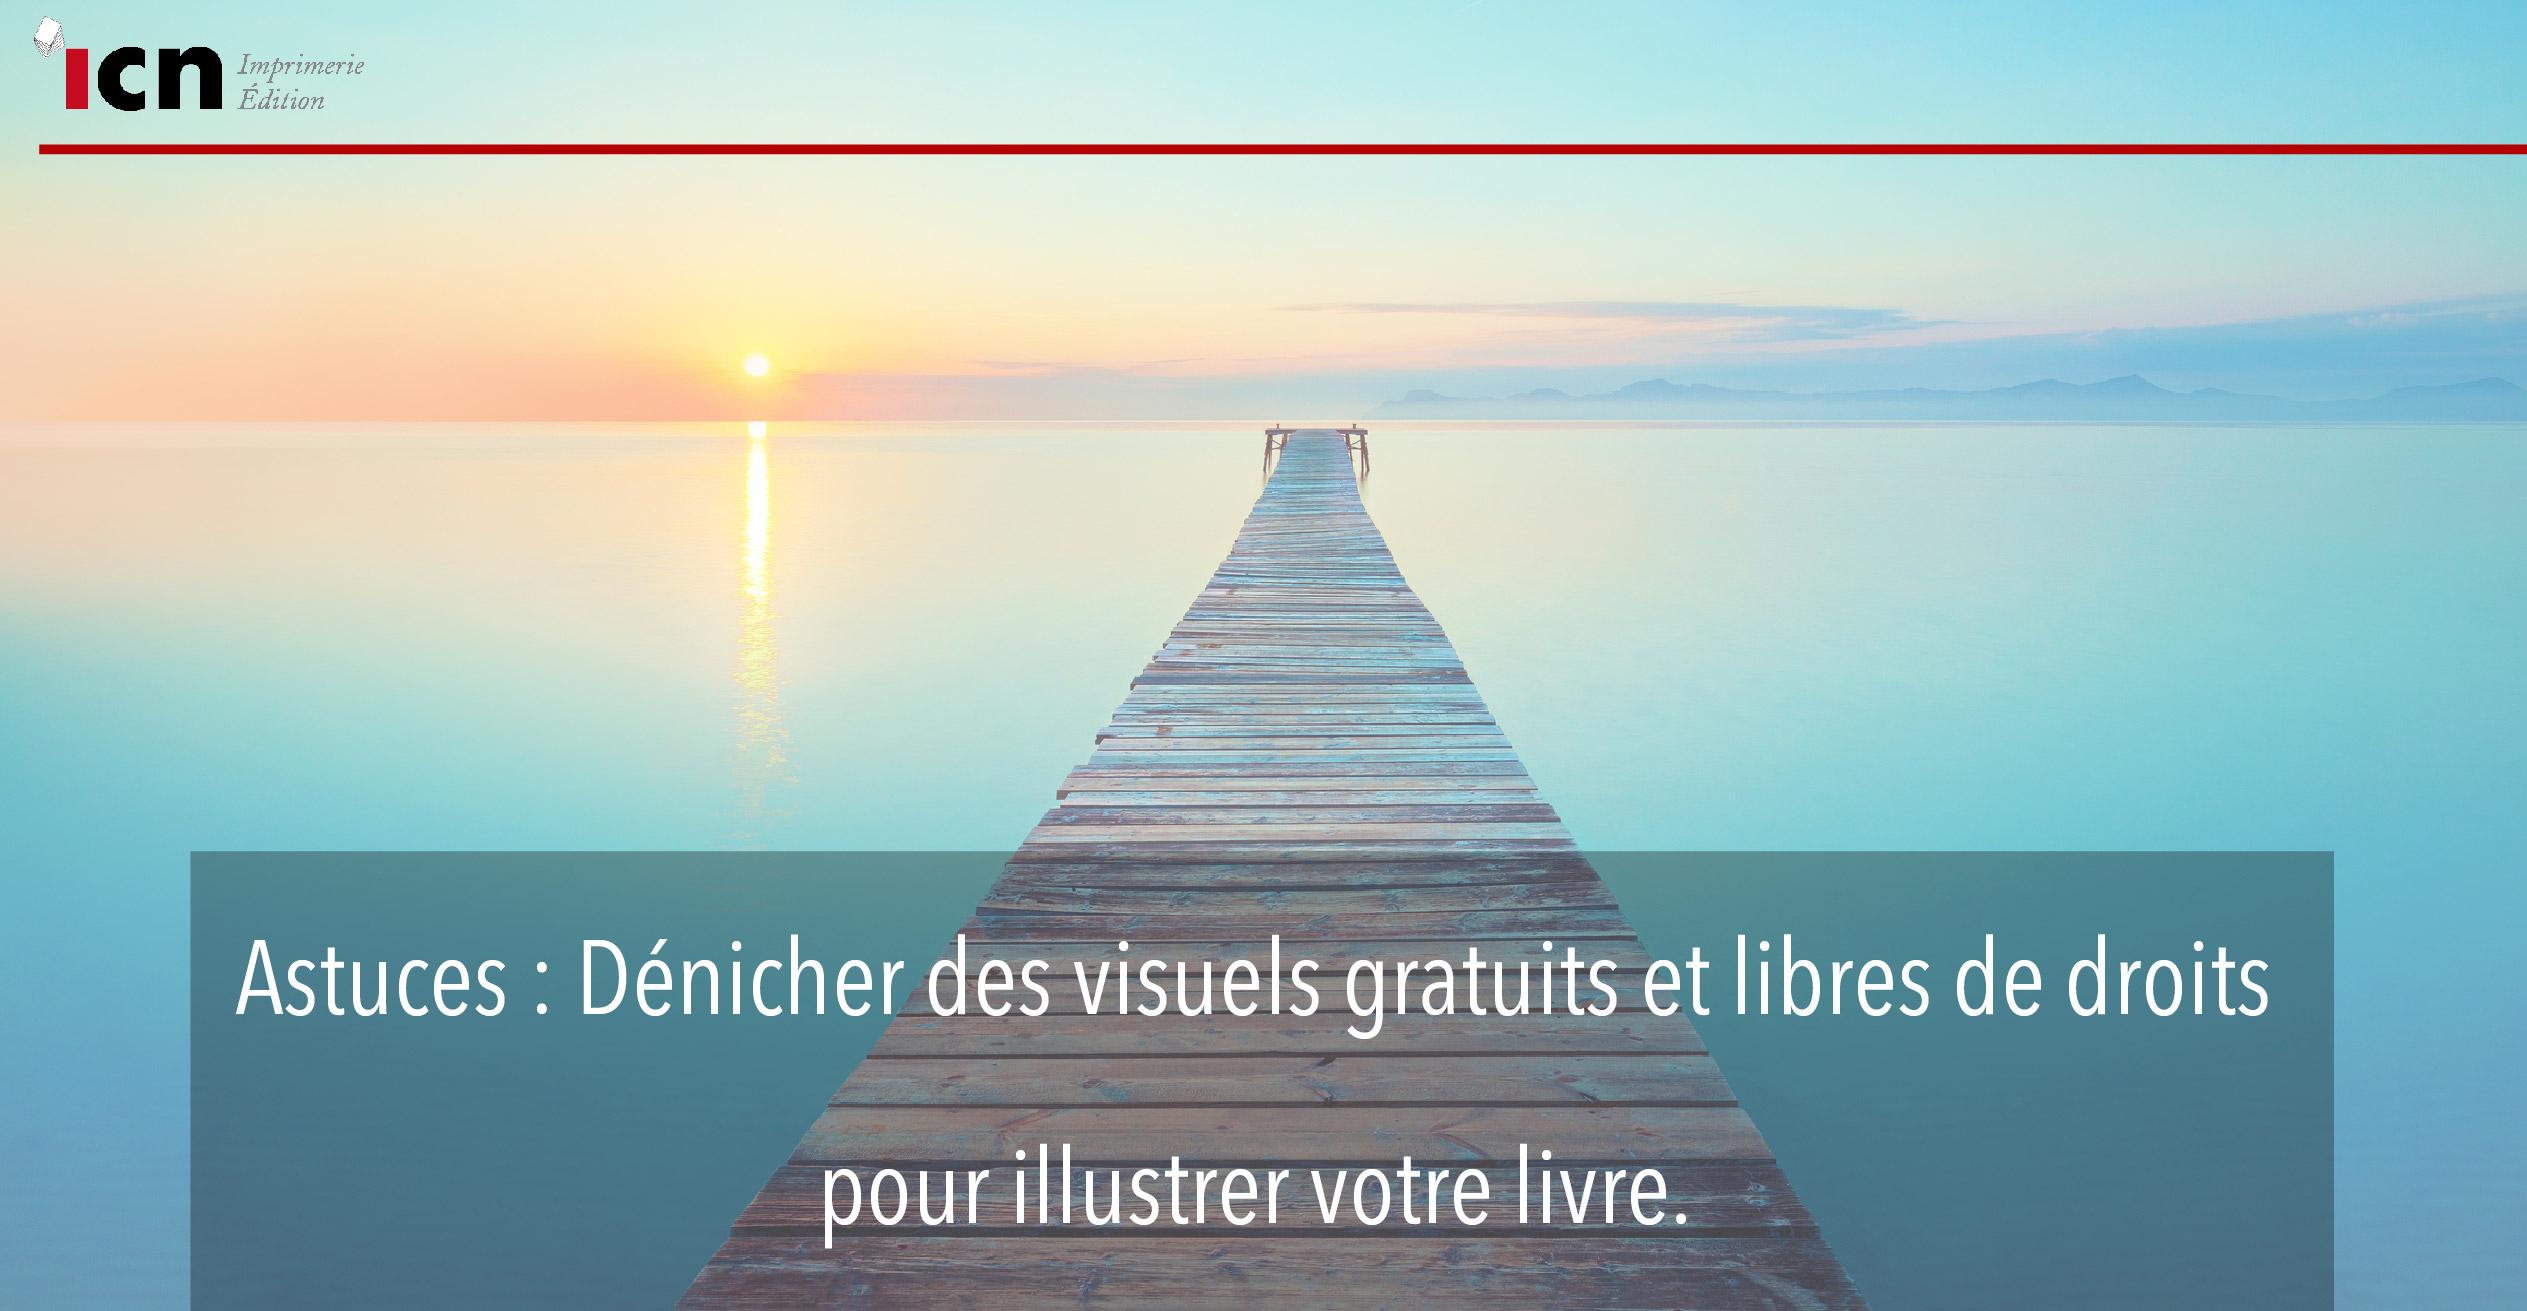 Astuces : Dénicher des visuels gratuits et libres de droits pour illustrer votre livre.